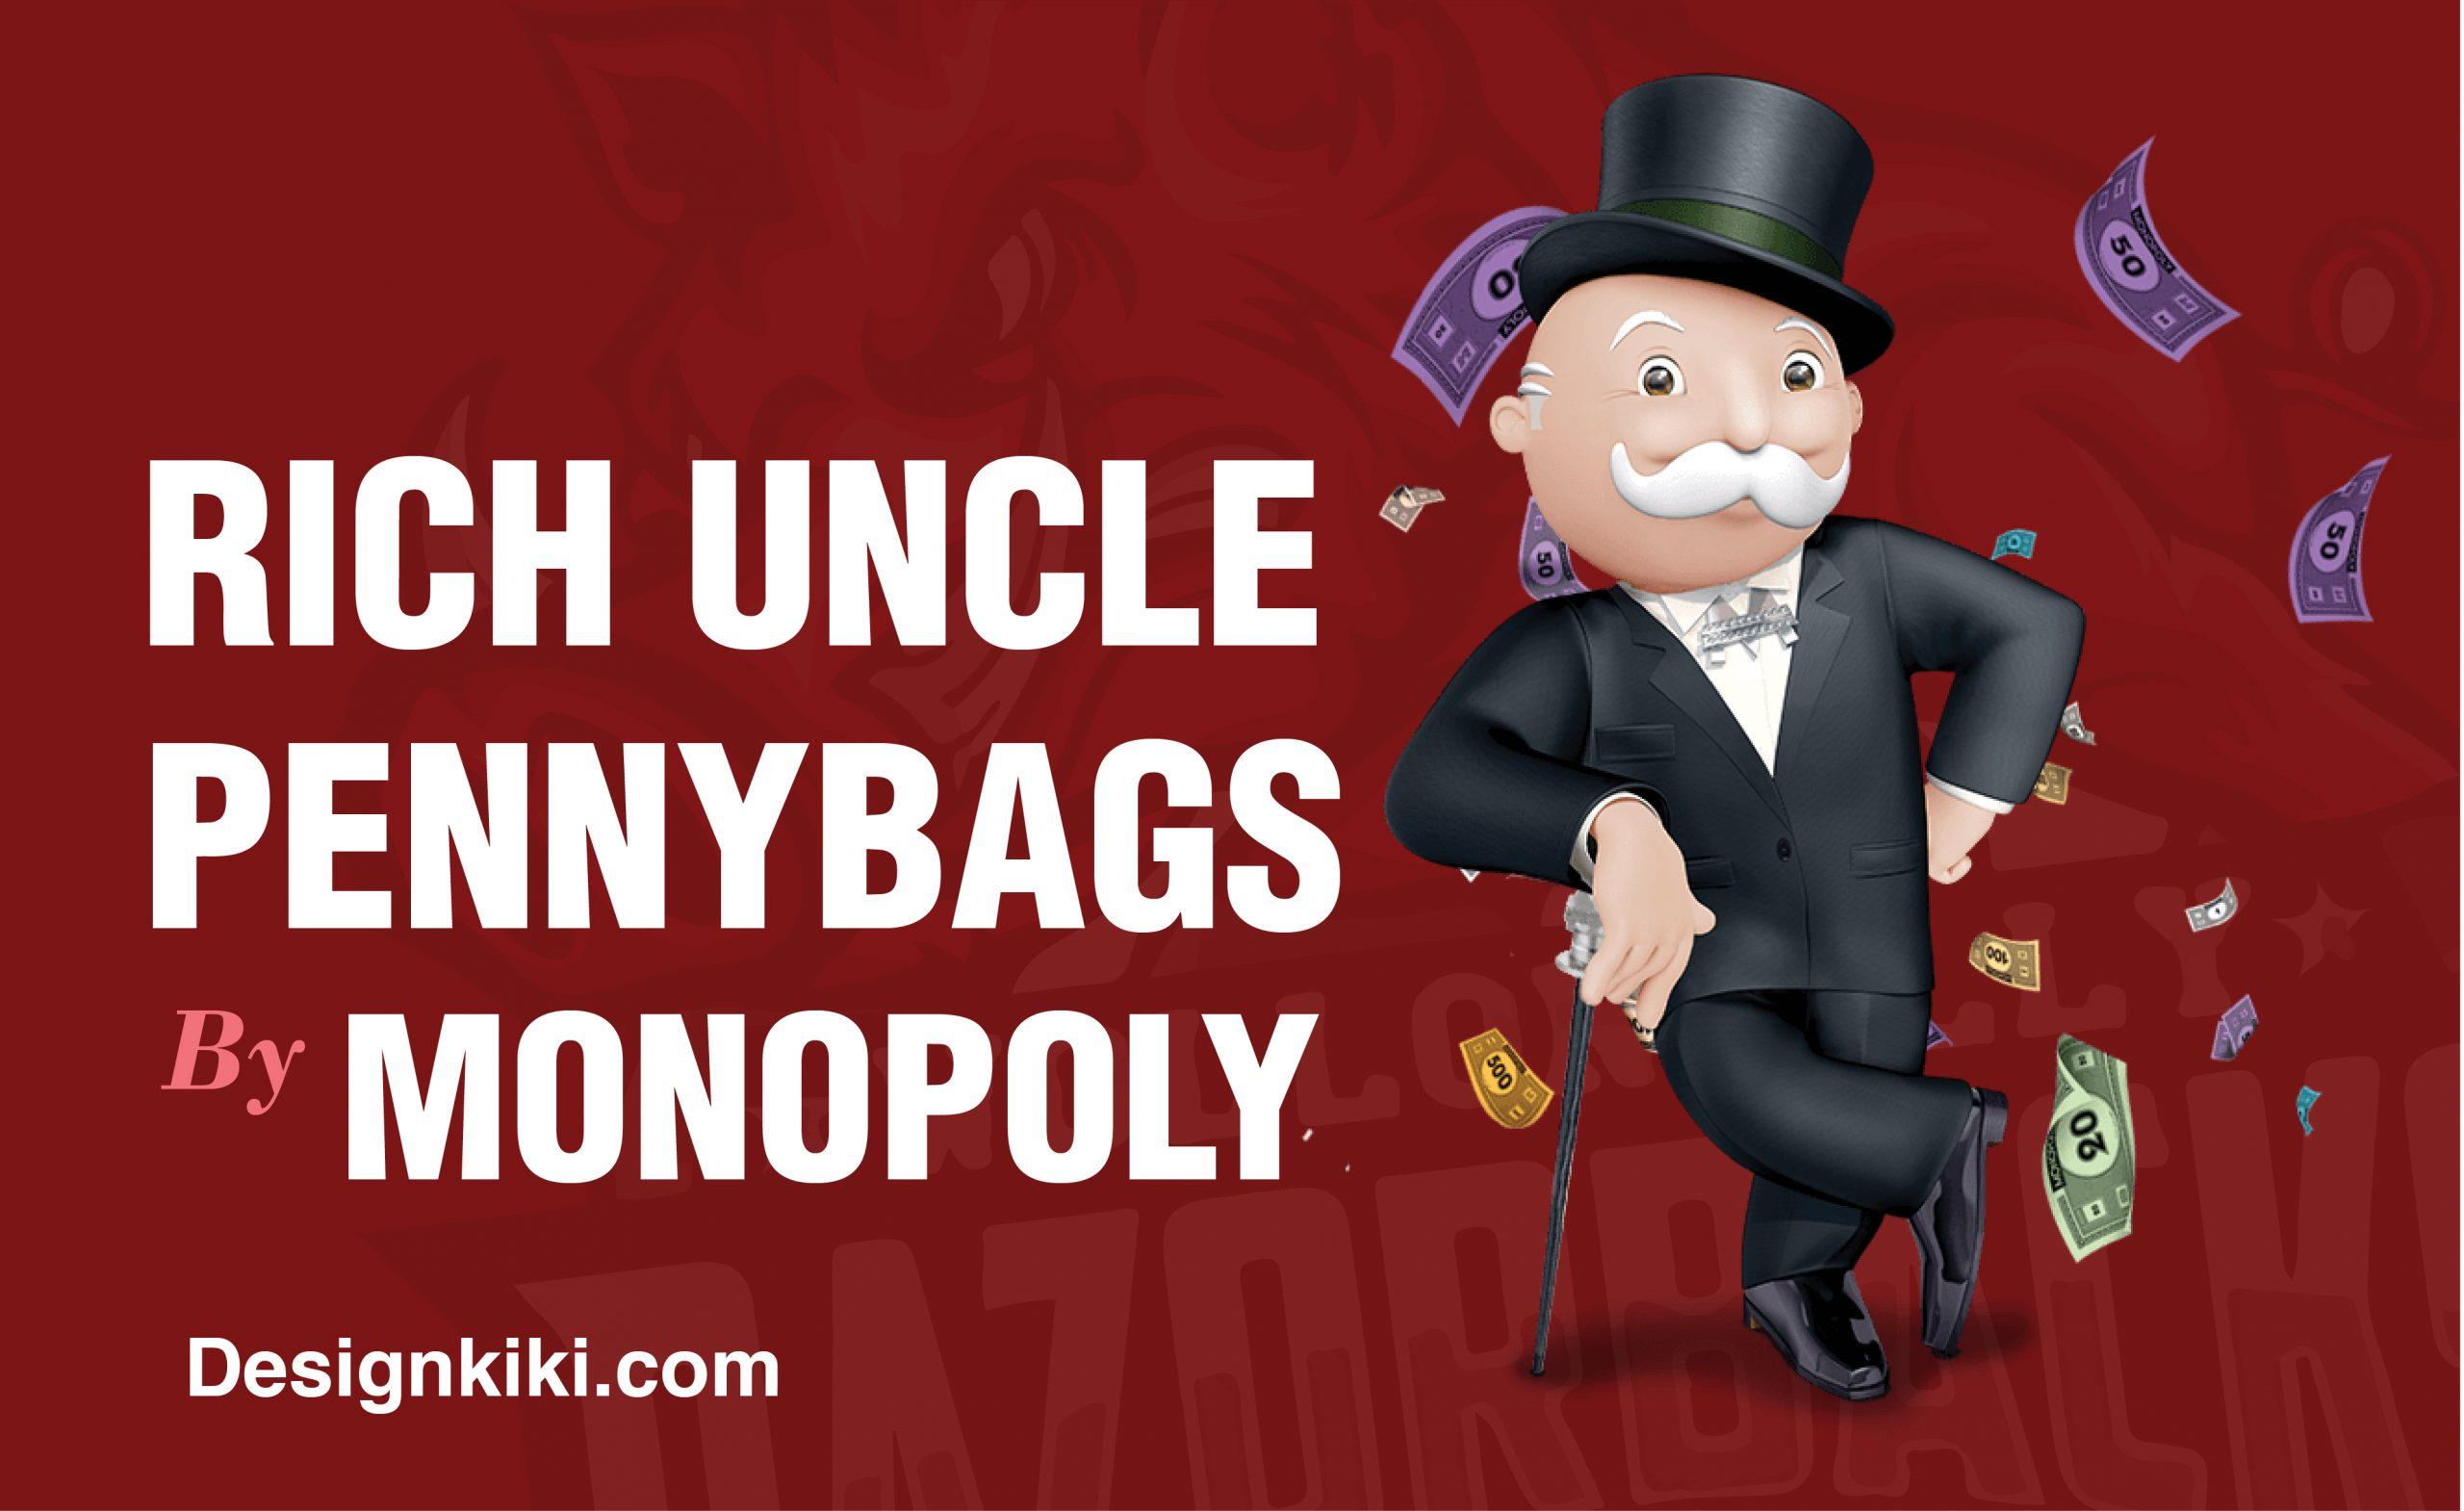 monopoly mascot logos